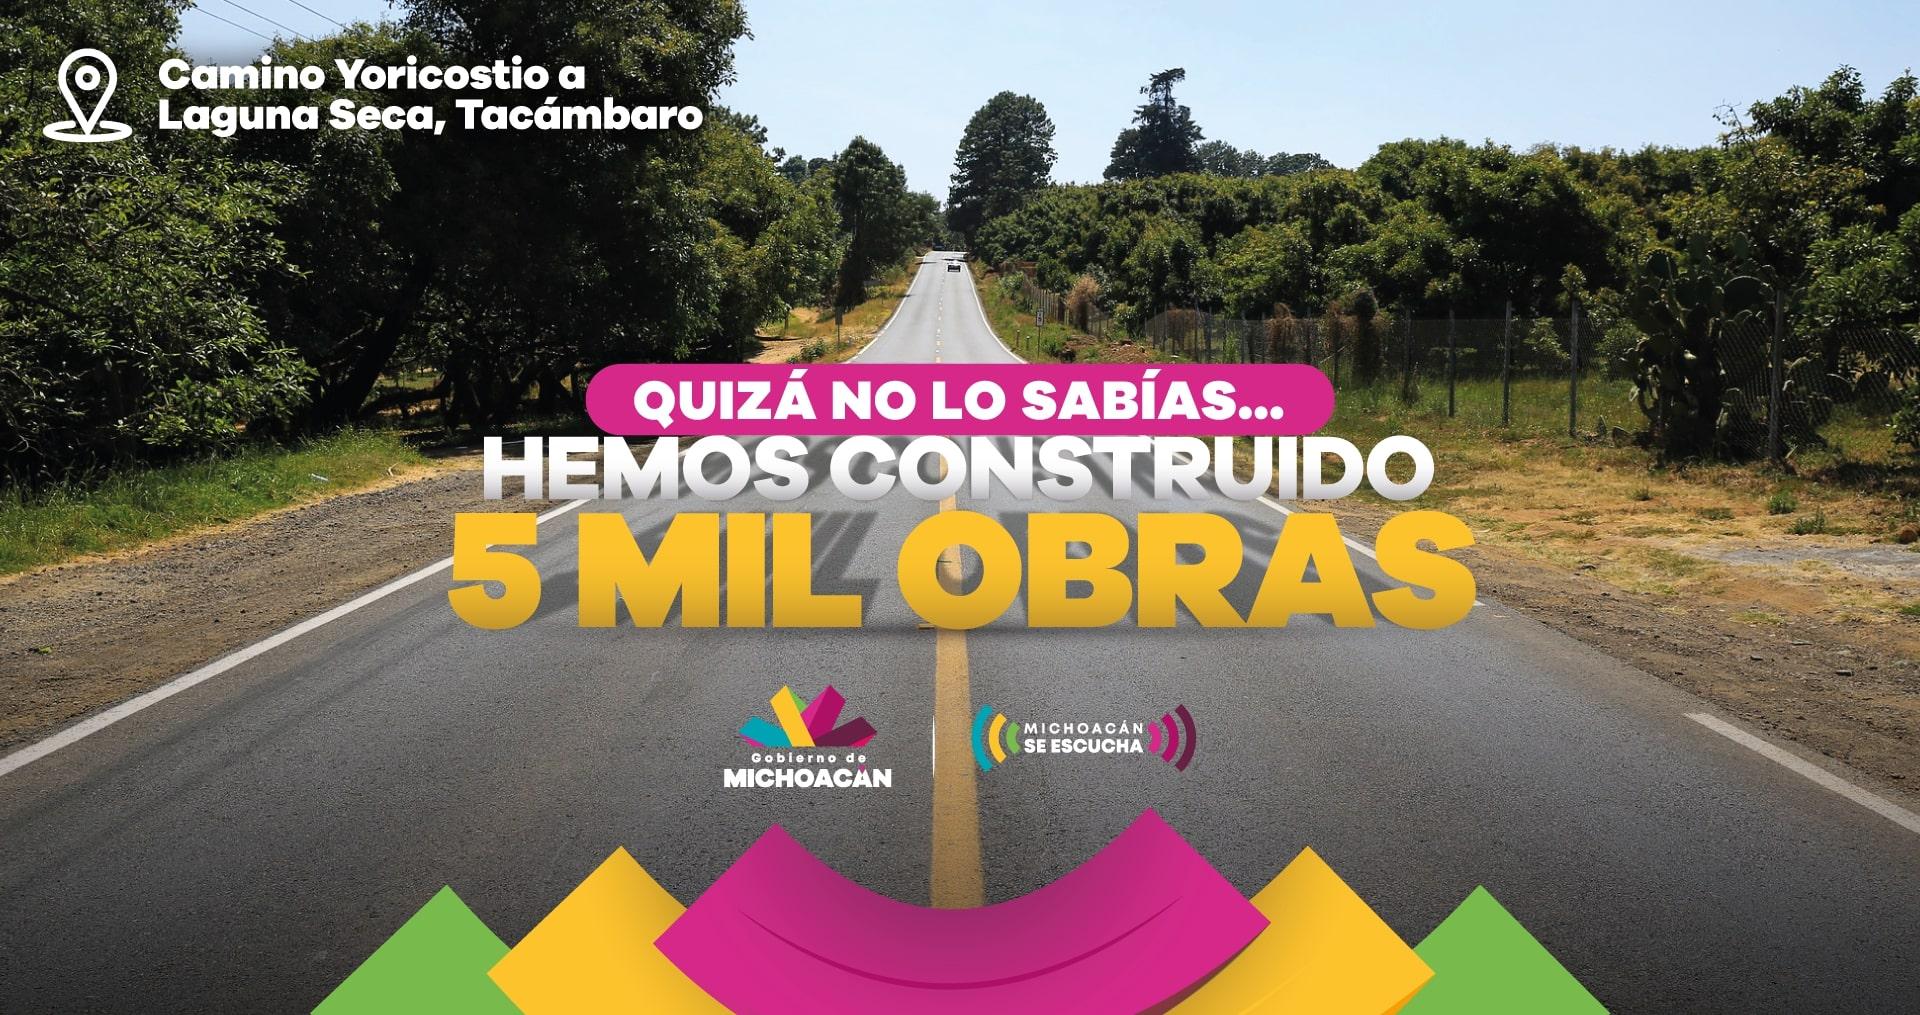 cinco mil obras en michoacan